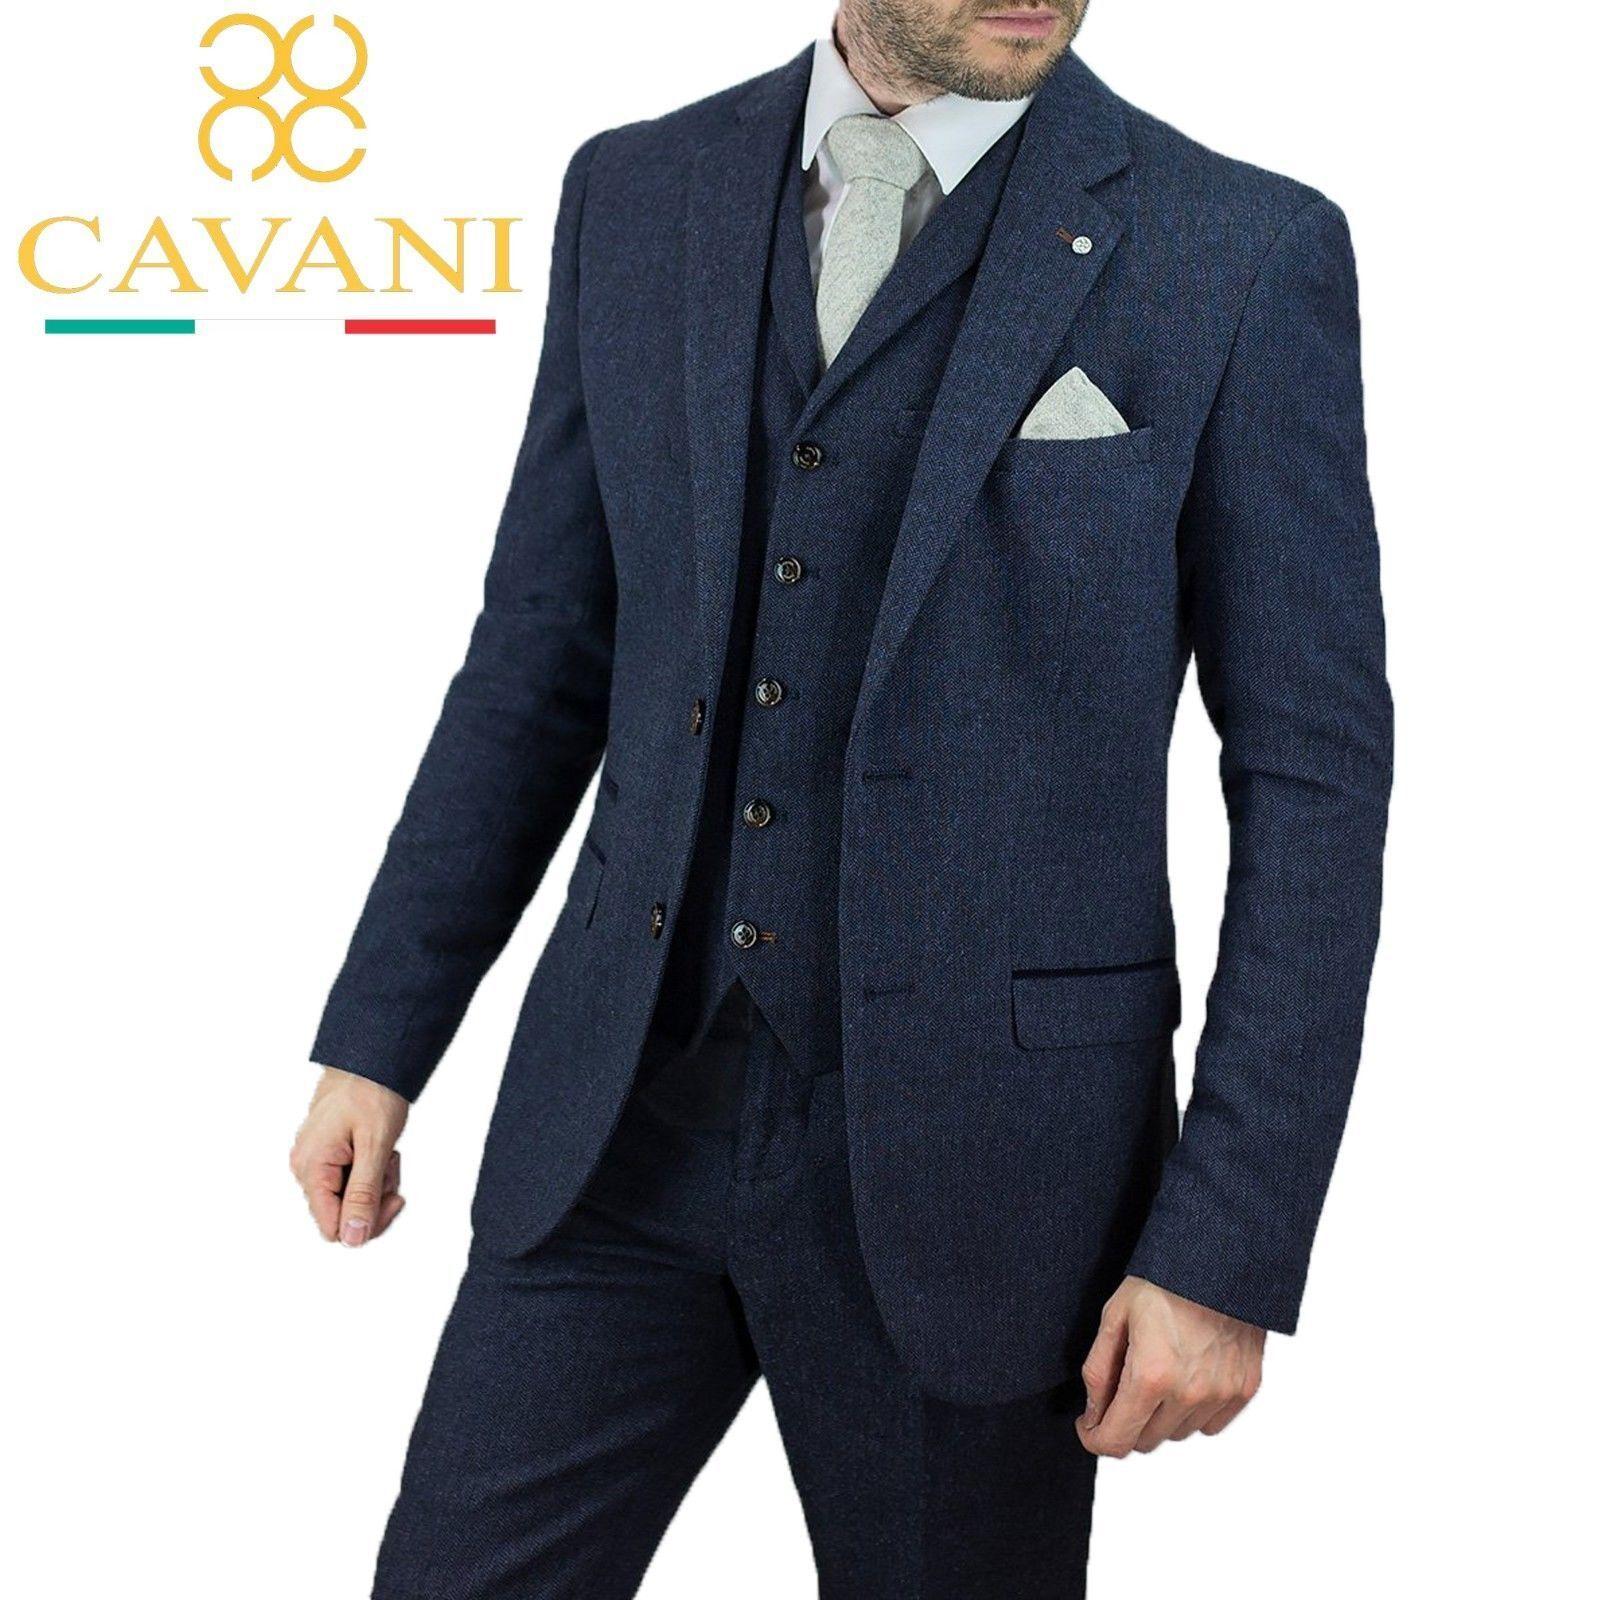 Herren Cavani Navy Wool Mix Peaky Blinders Herringbone Tweed Wedding 3 Piece Suit